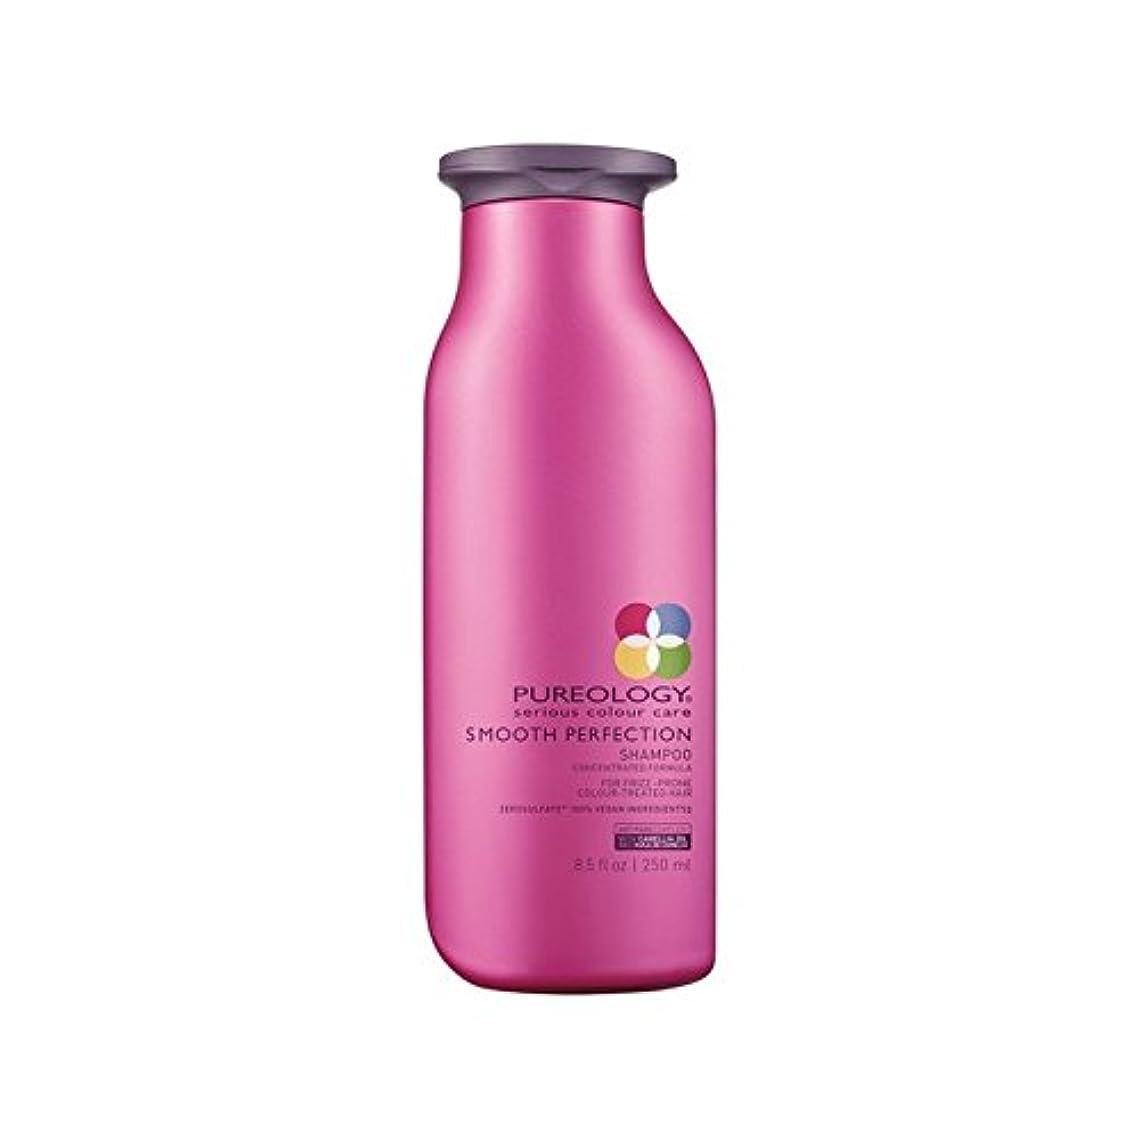 ヒューズ考えタイプライターPureology Smooth Perfection Shampoo (250ml) (Pack of 6) - 平滑完全シャンプー(250ミリリットル) x6 [並行輸入品]